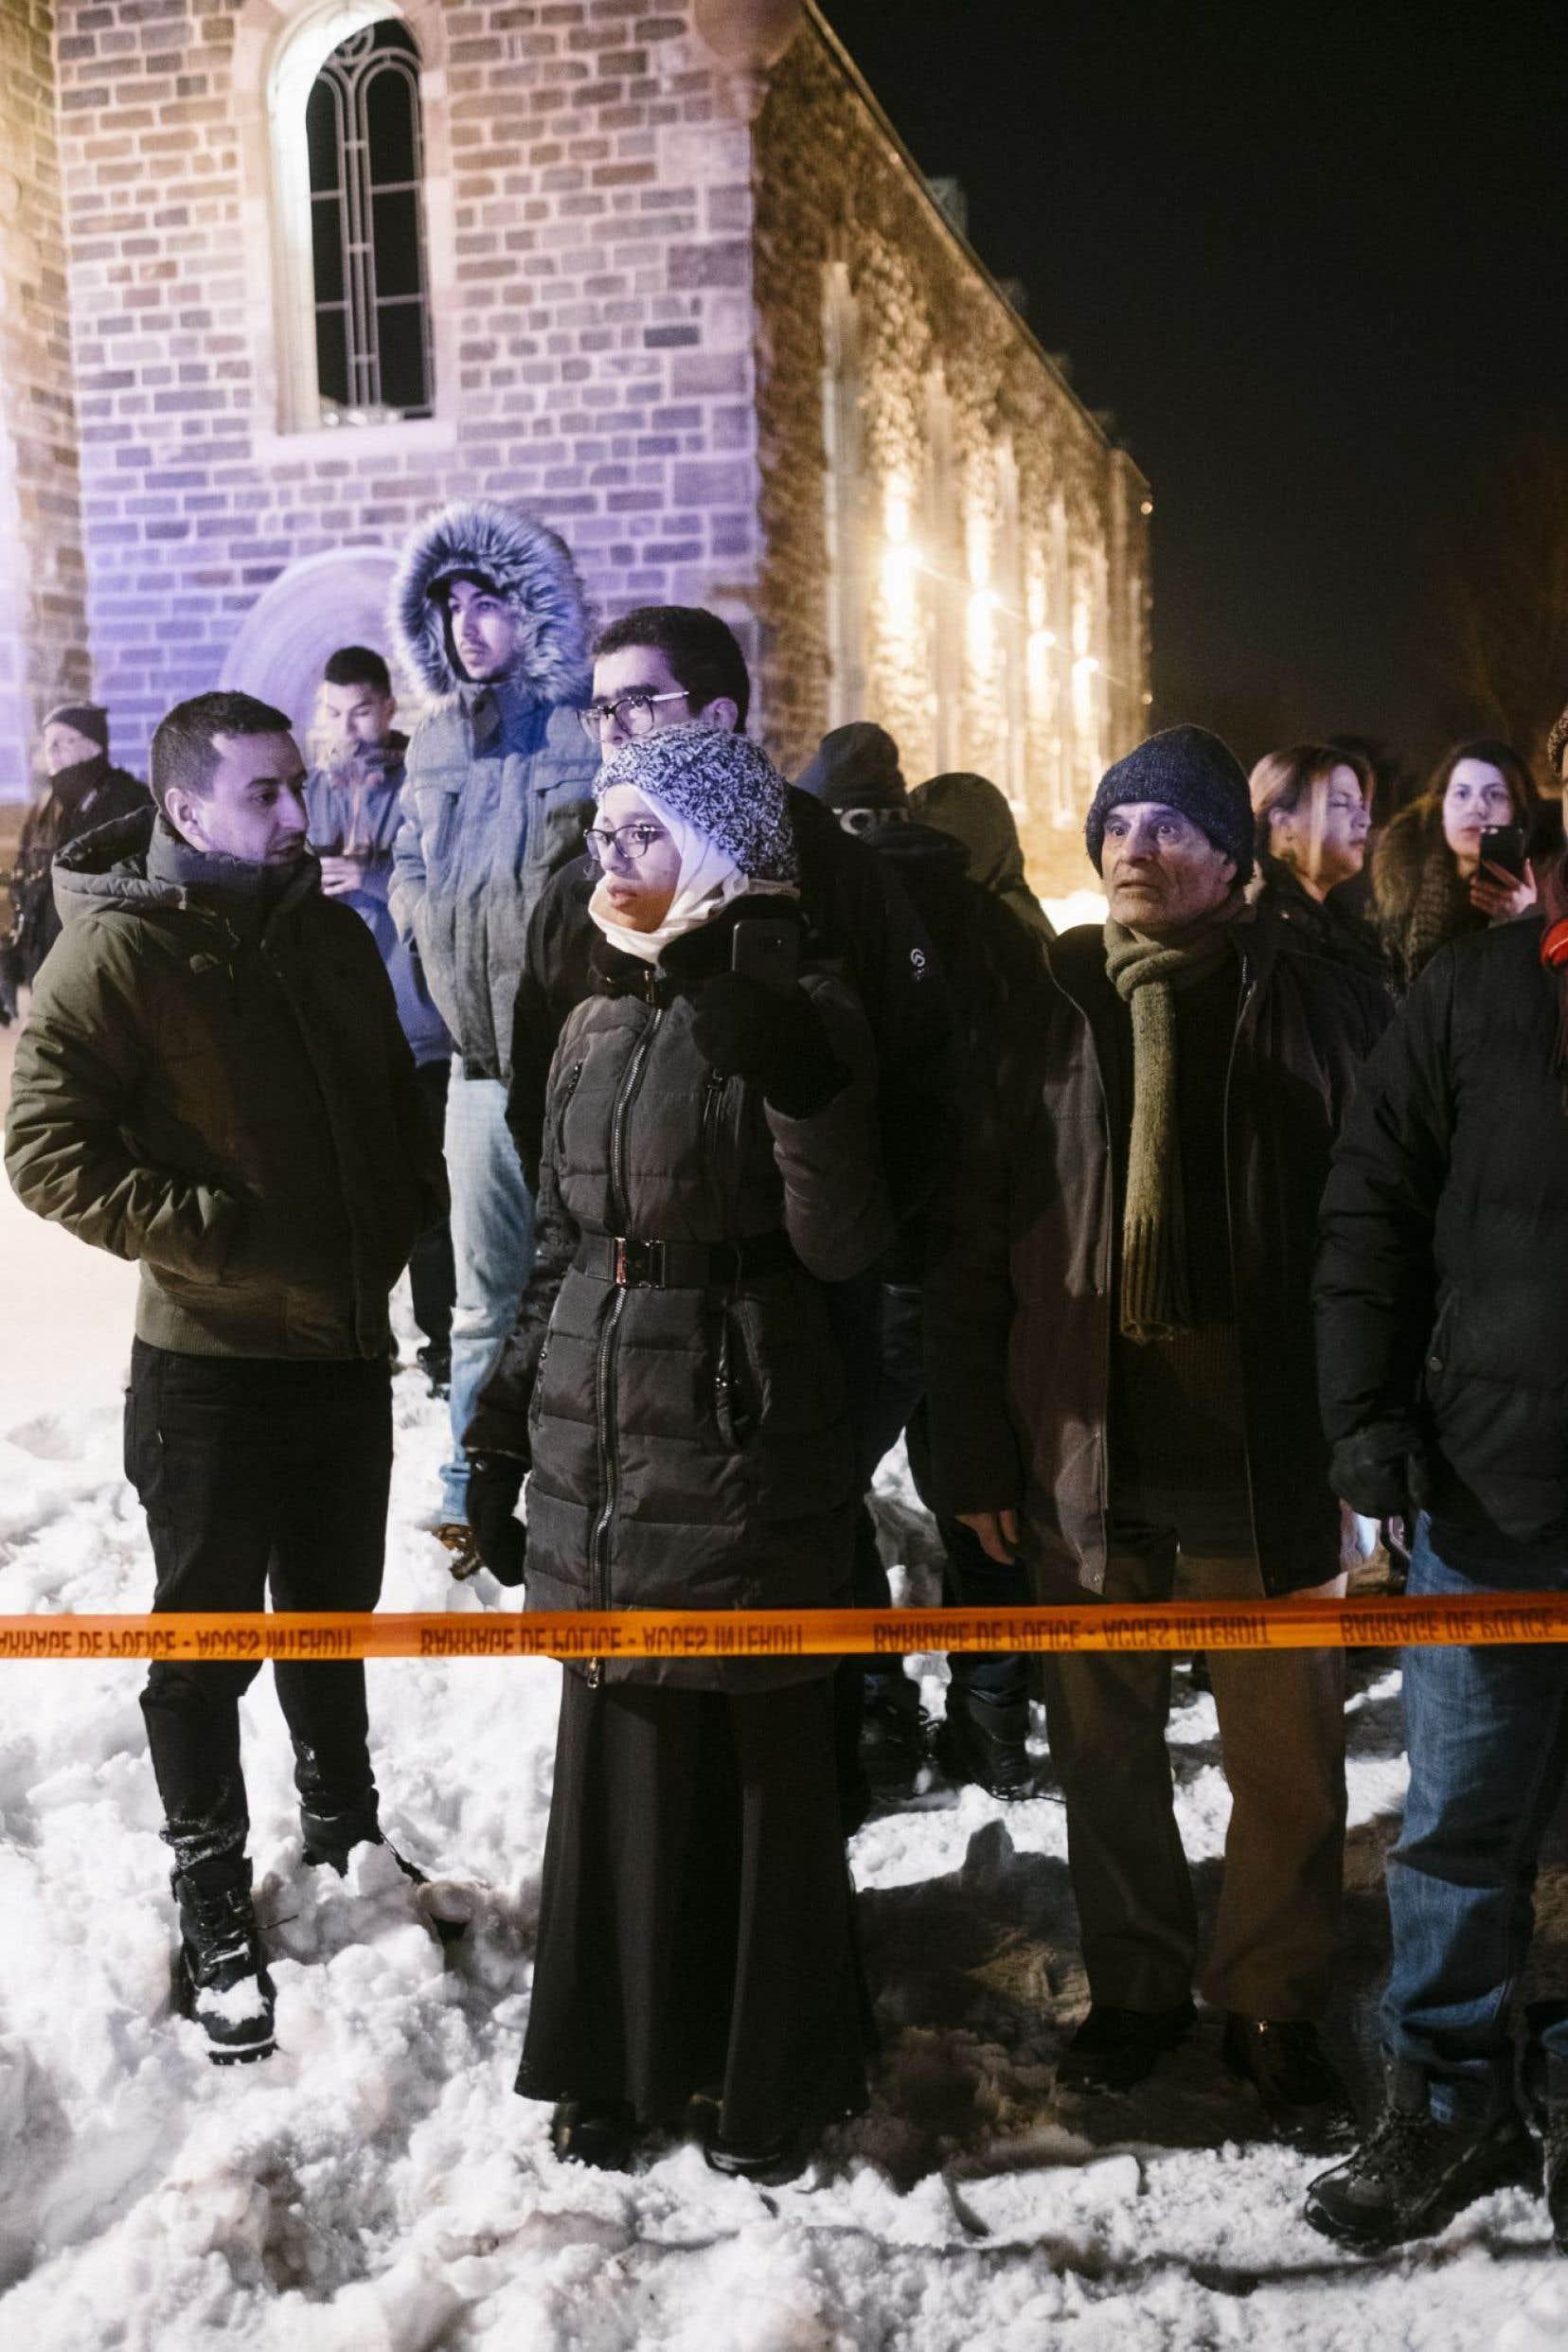 Quelques instants après le drame, des dizaines de personnes se sont rassemblées, sous le choc, à l'extérieur de la mosquée.